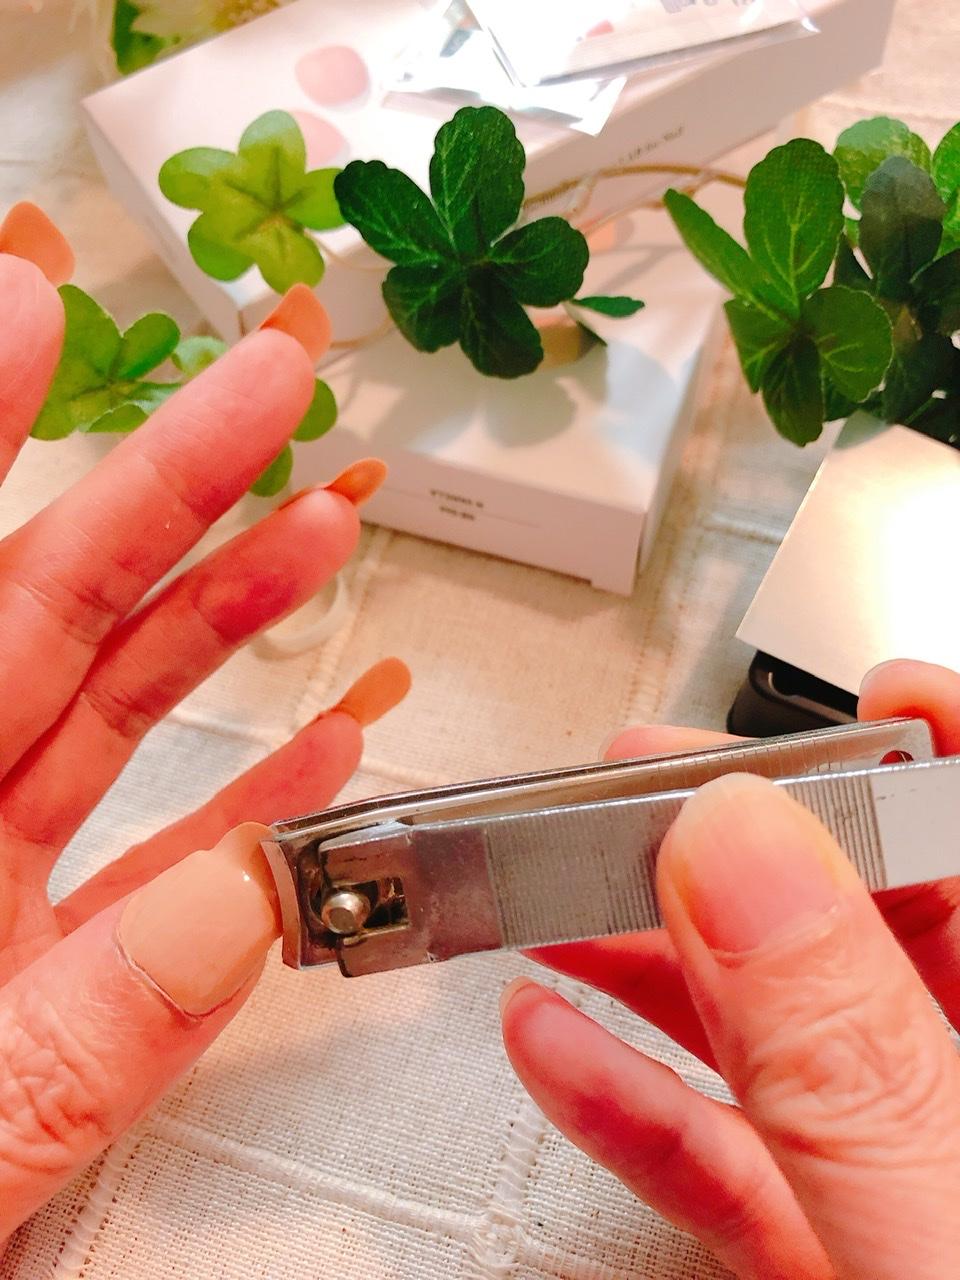 オホーラジェルネイルストリップを装着後、爪切りで調整している写真